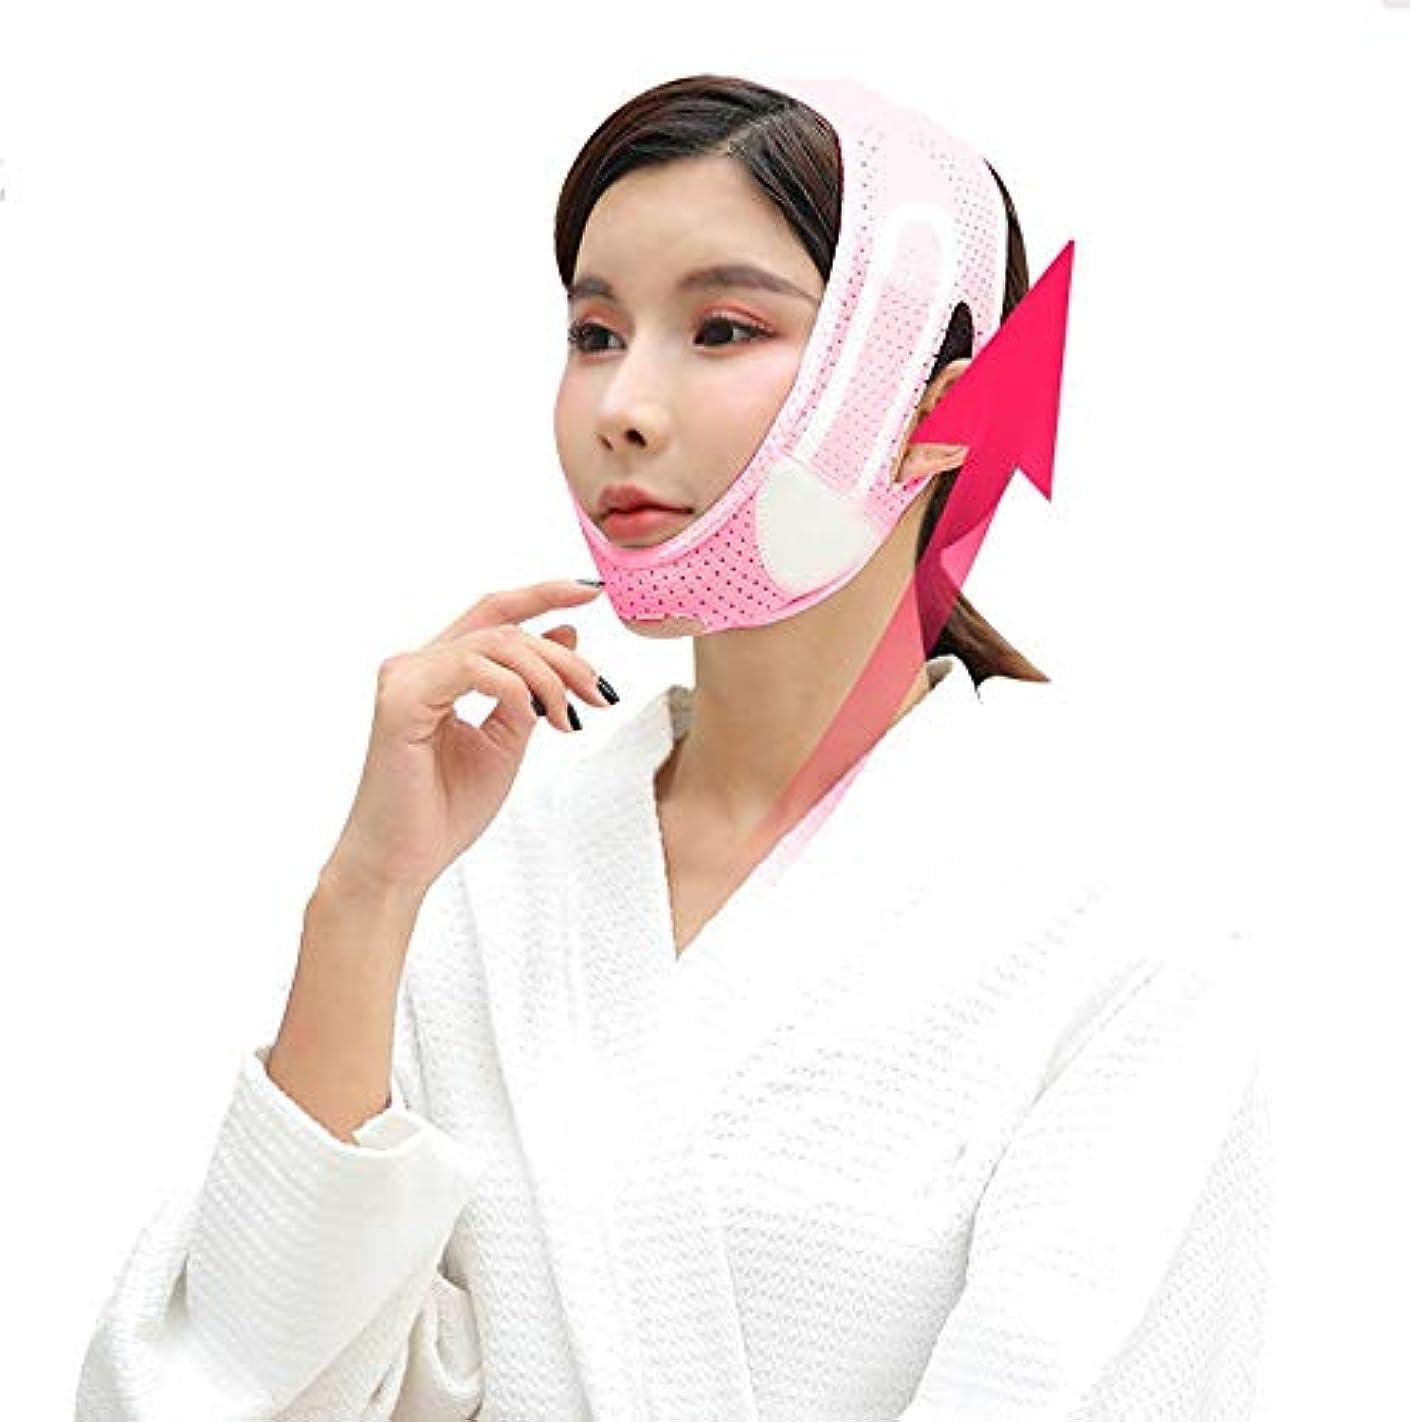 腐敗した二週間講堂Youse 女性アップフェイススリム超薄型ベルトストラップバンドは、耐久性と便利なマスクのVフェイスチンチークリフトアンチリンクルフェイスリフトスリミングチークマスク、二重あごリデューサー、顔スリミングマスク (Color : Pink)